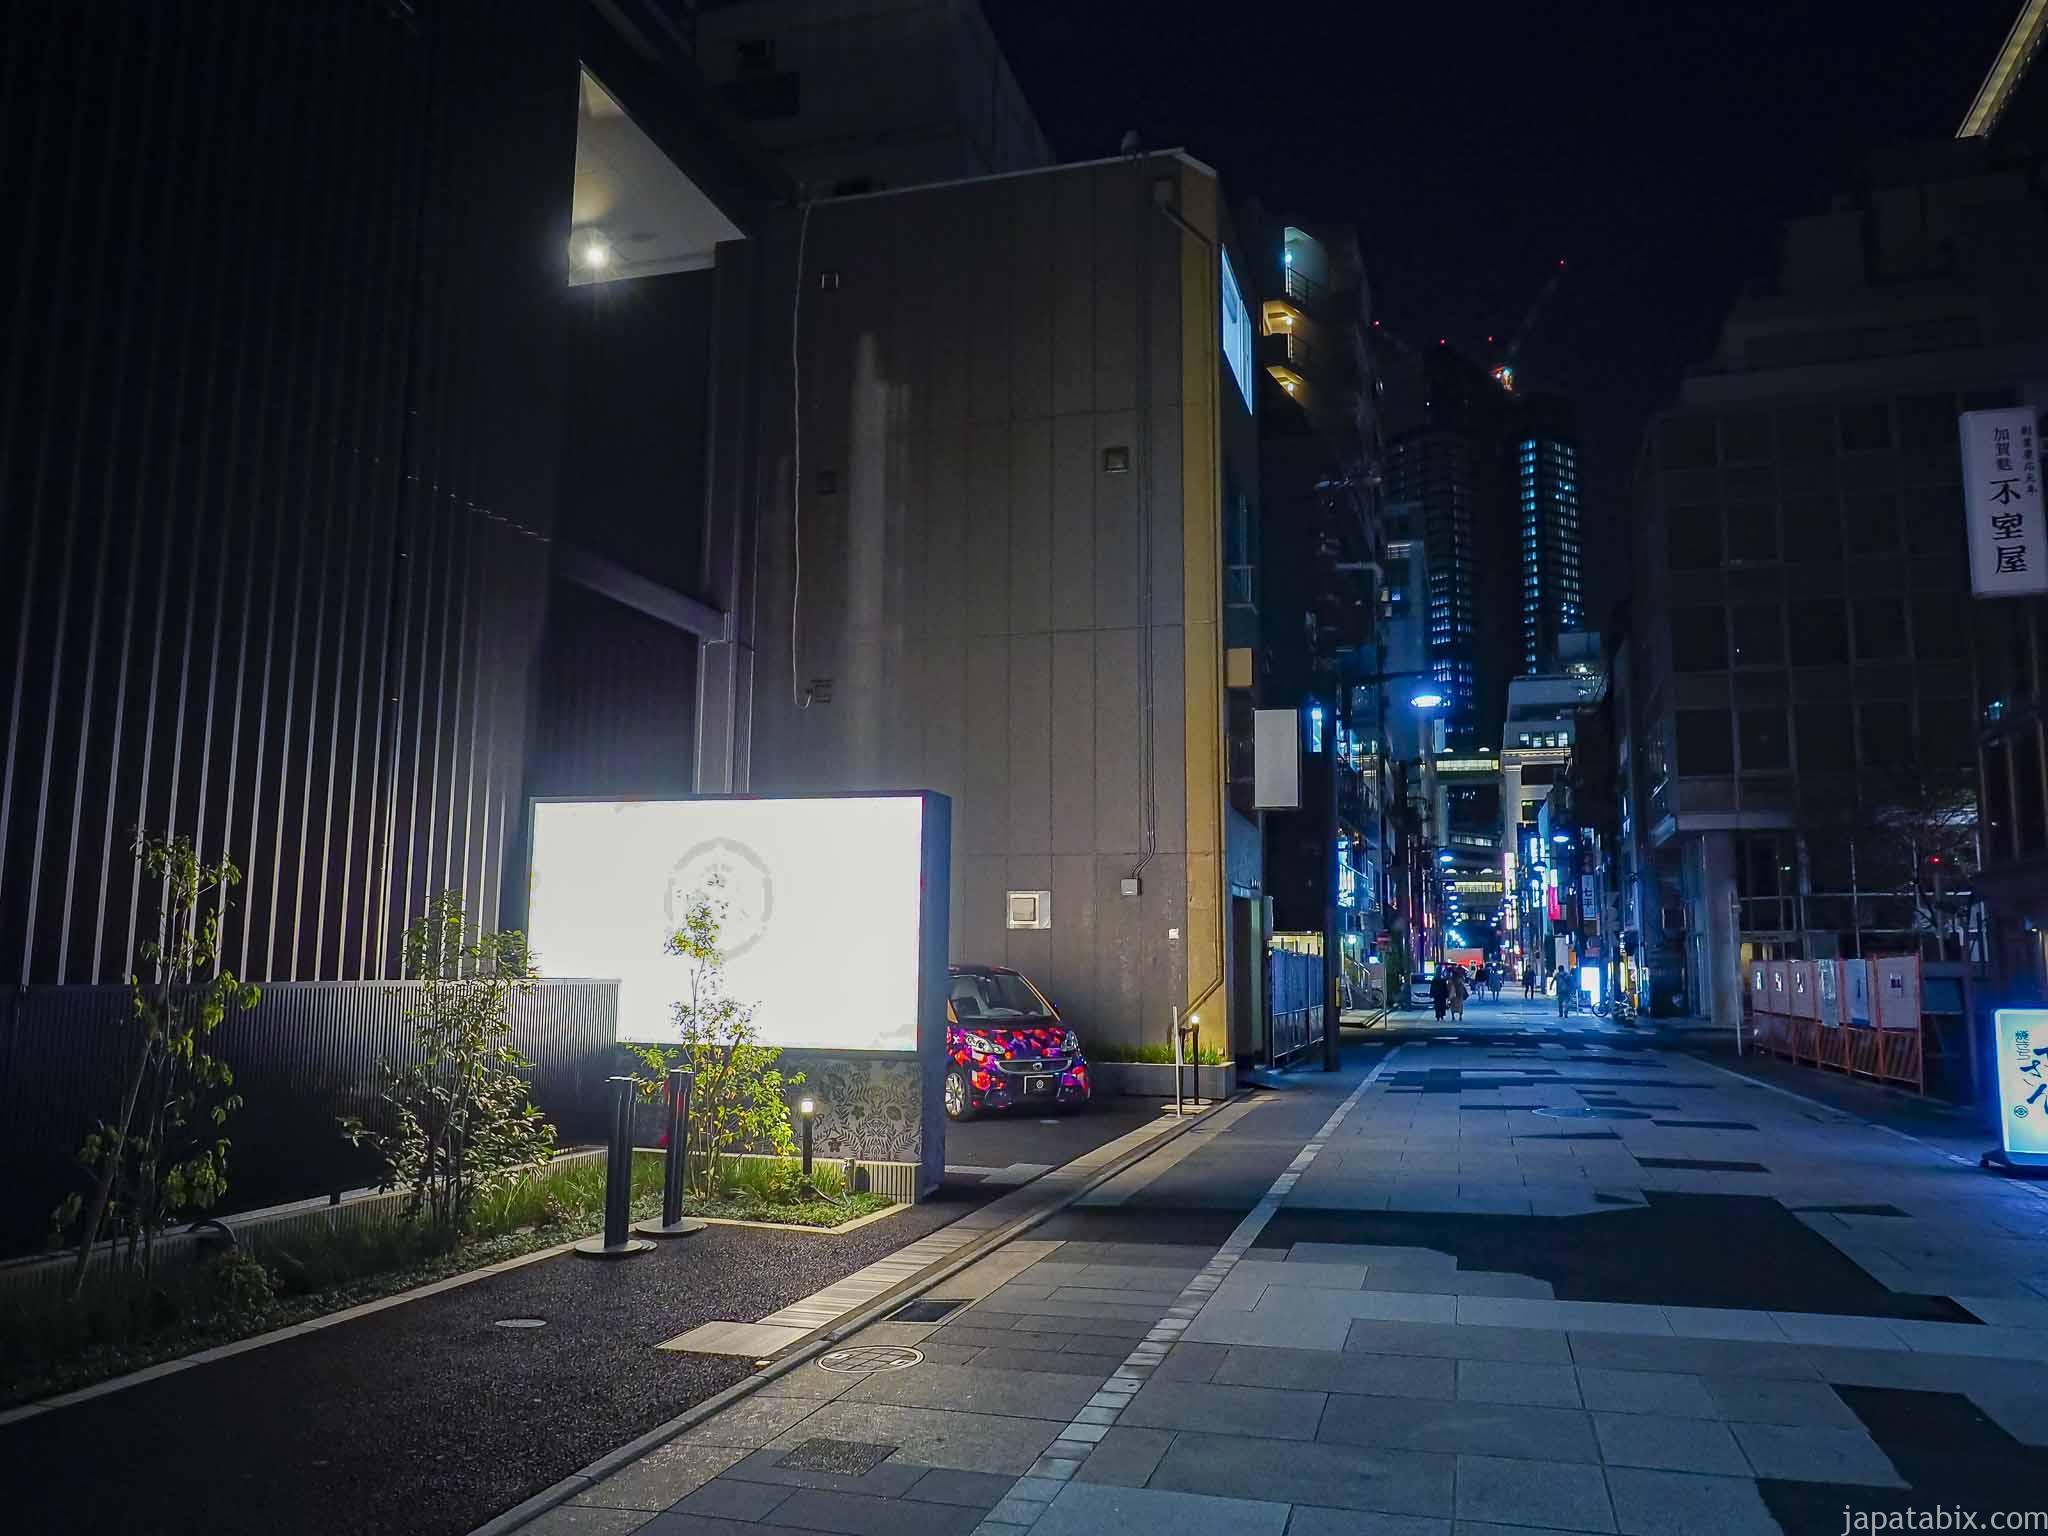 アートアクアリウム美術館 出口側